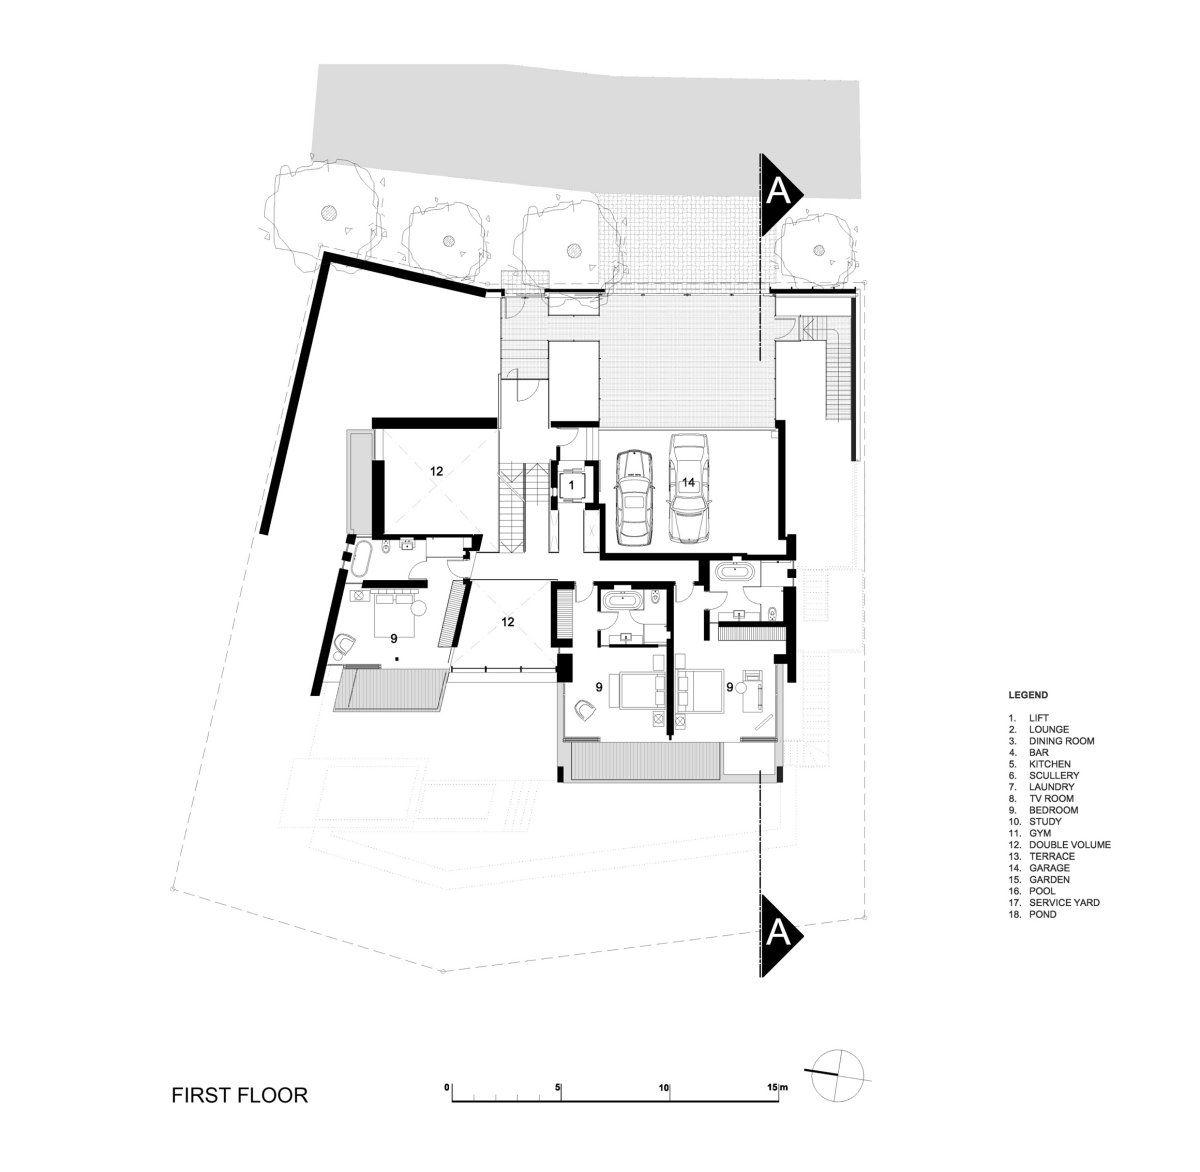 Nettleton-195-Luxury-Residence-22